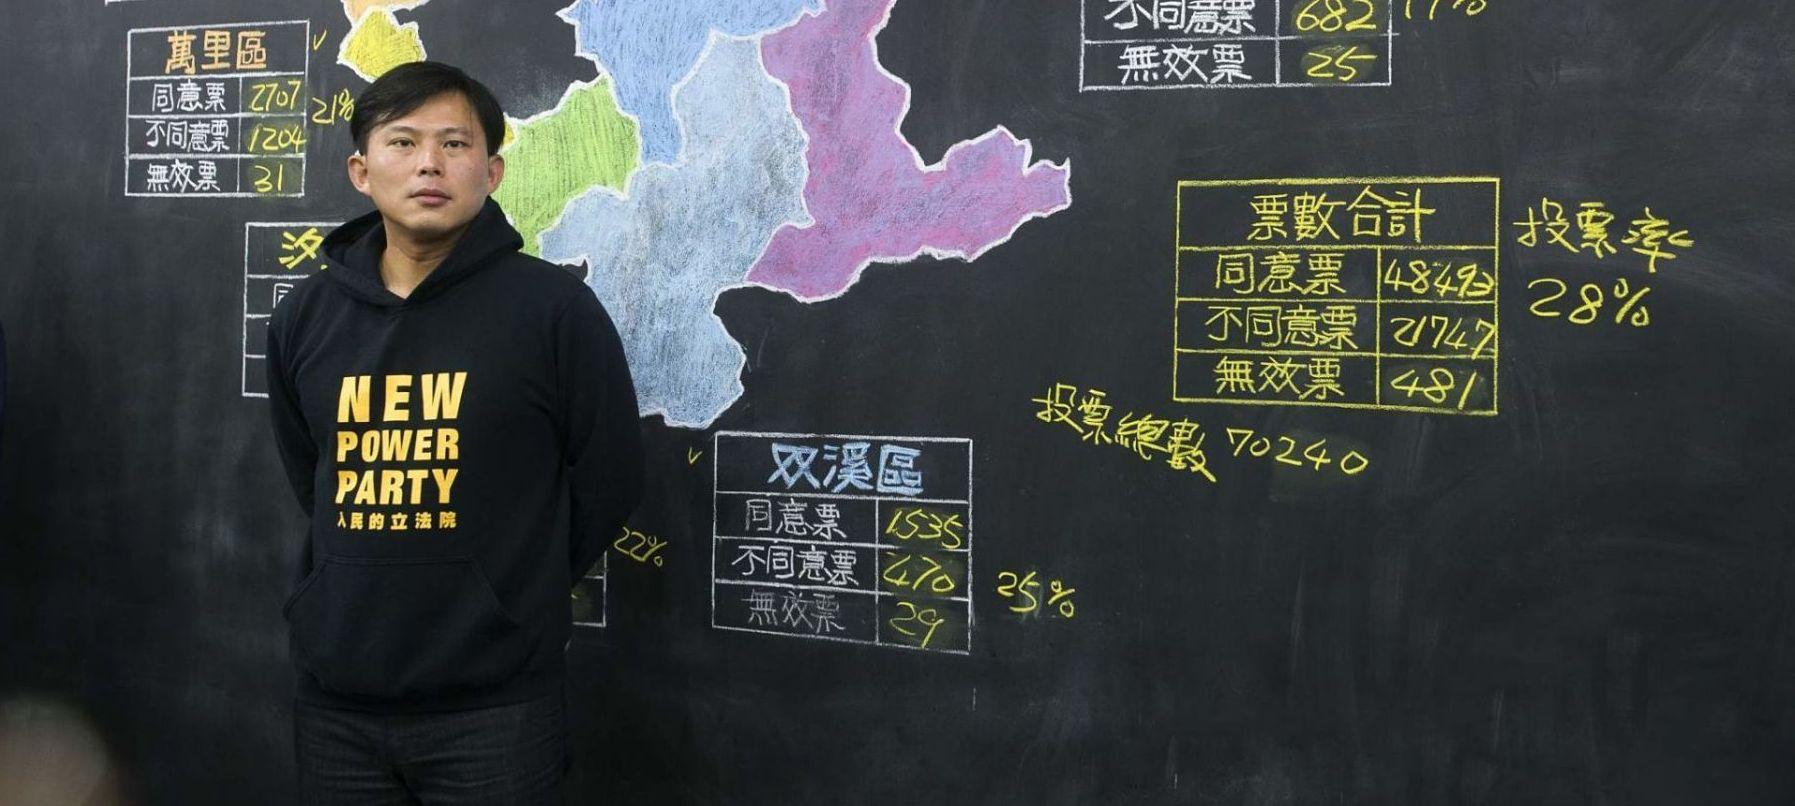 48693張罷免票 重傷黃國昌嗎?